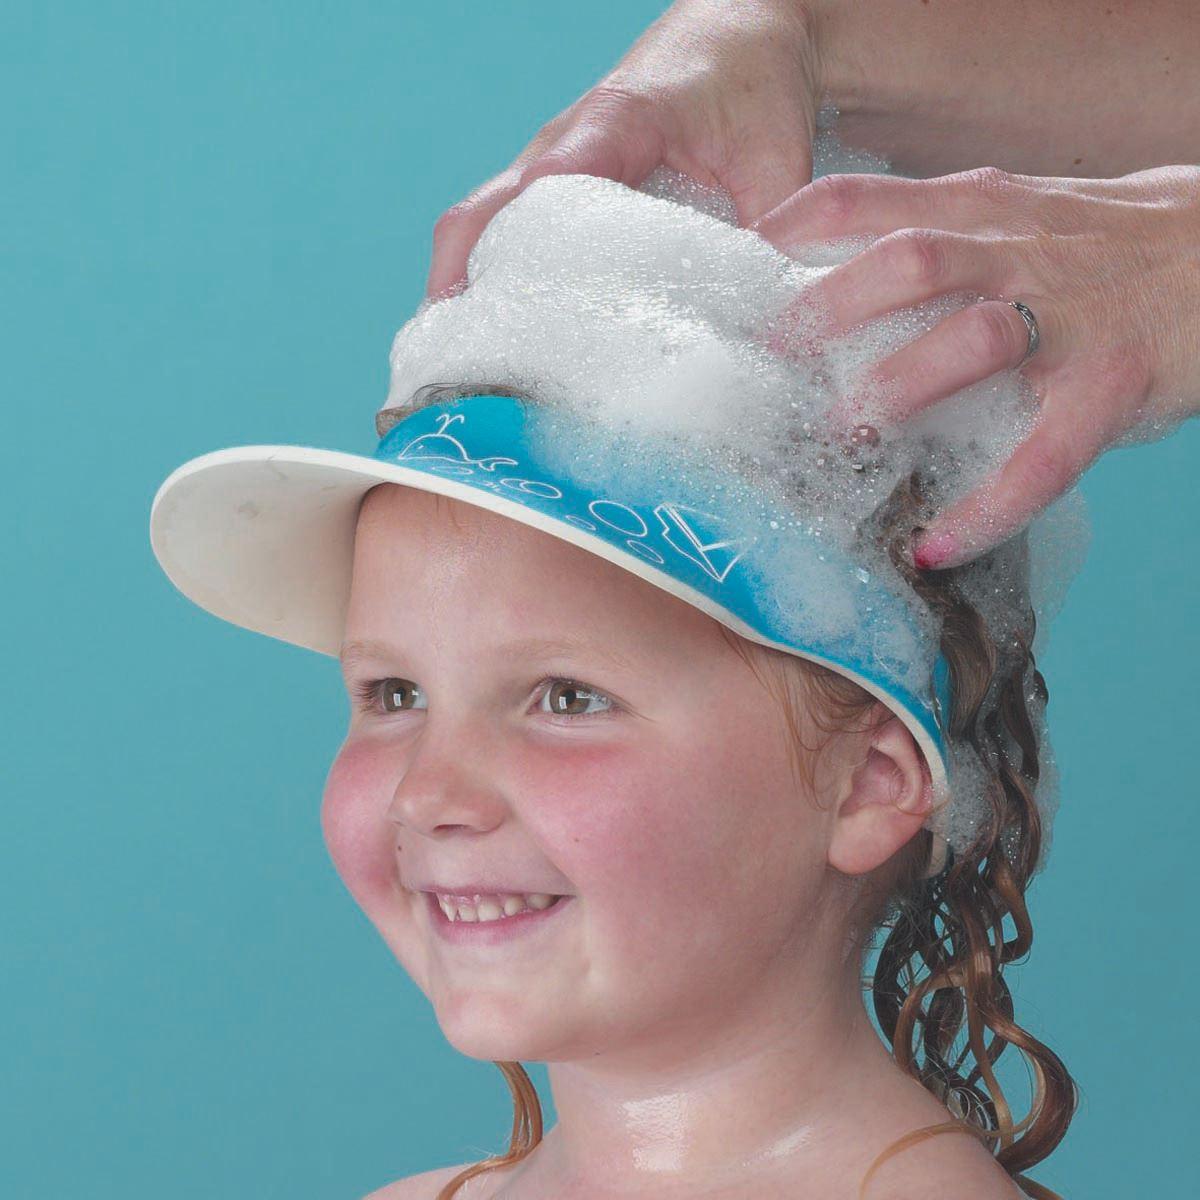 Clippasafe SHAMPOO AUGENSCHUTZ Kinder Schirm/Hut Haare waschen ohne ...